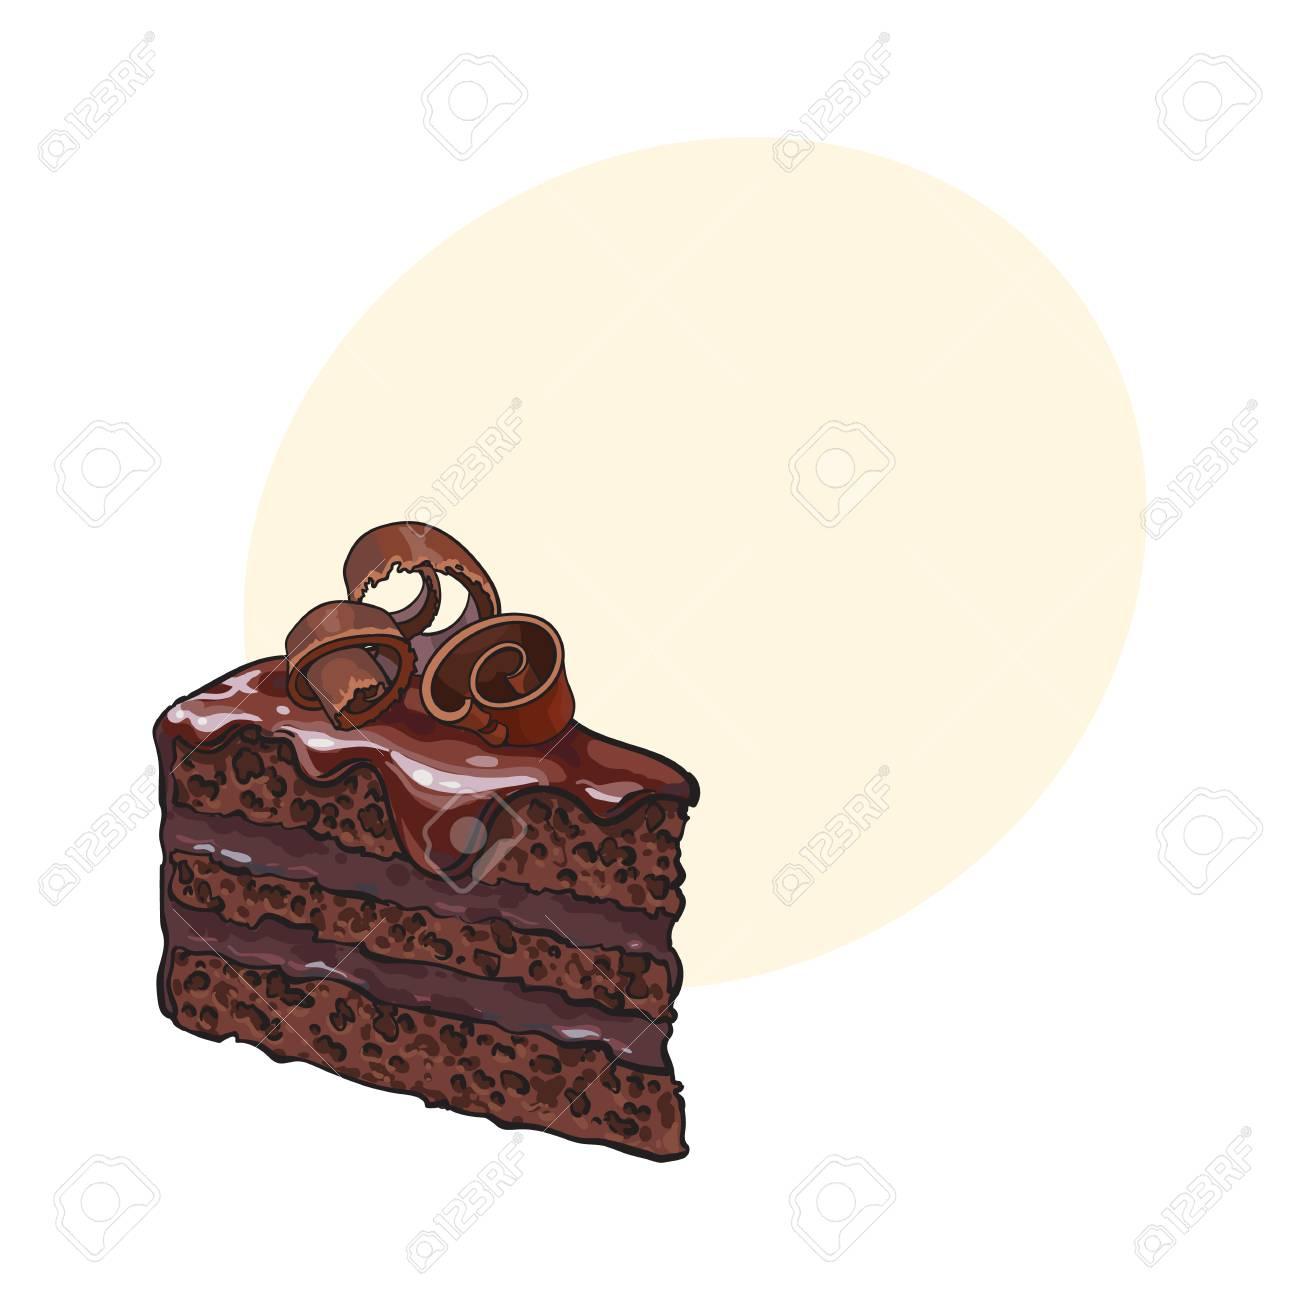 Mano Dibujada Pieza De Pastel De Chocolate En Capas Con Glaseado Y ...